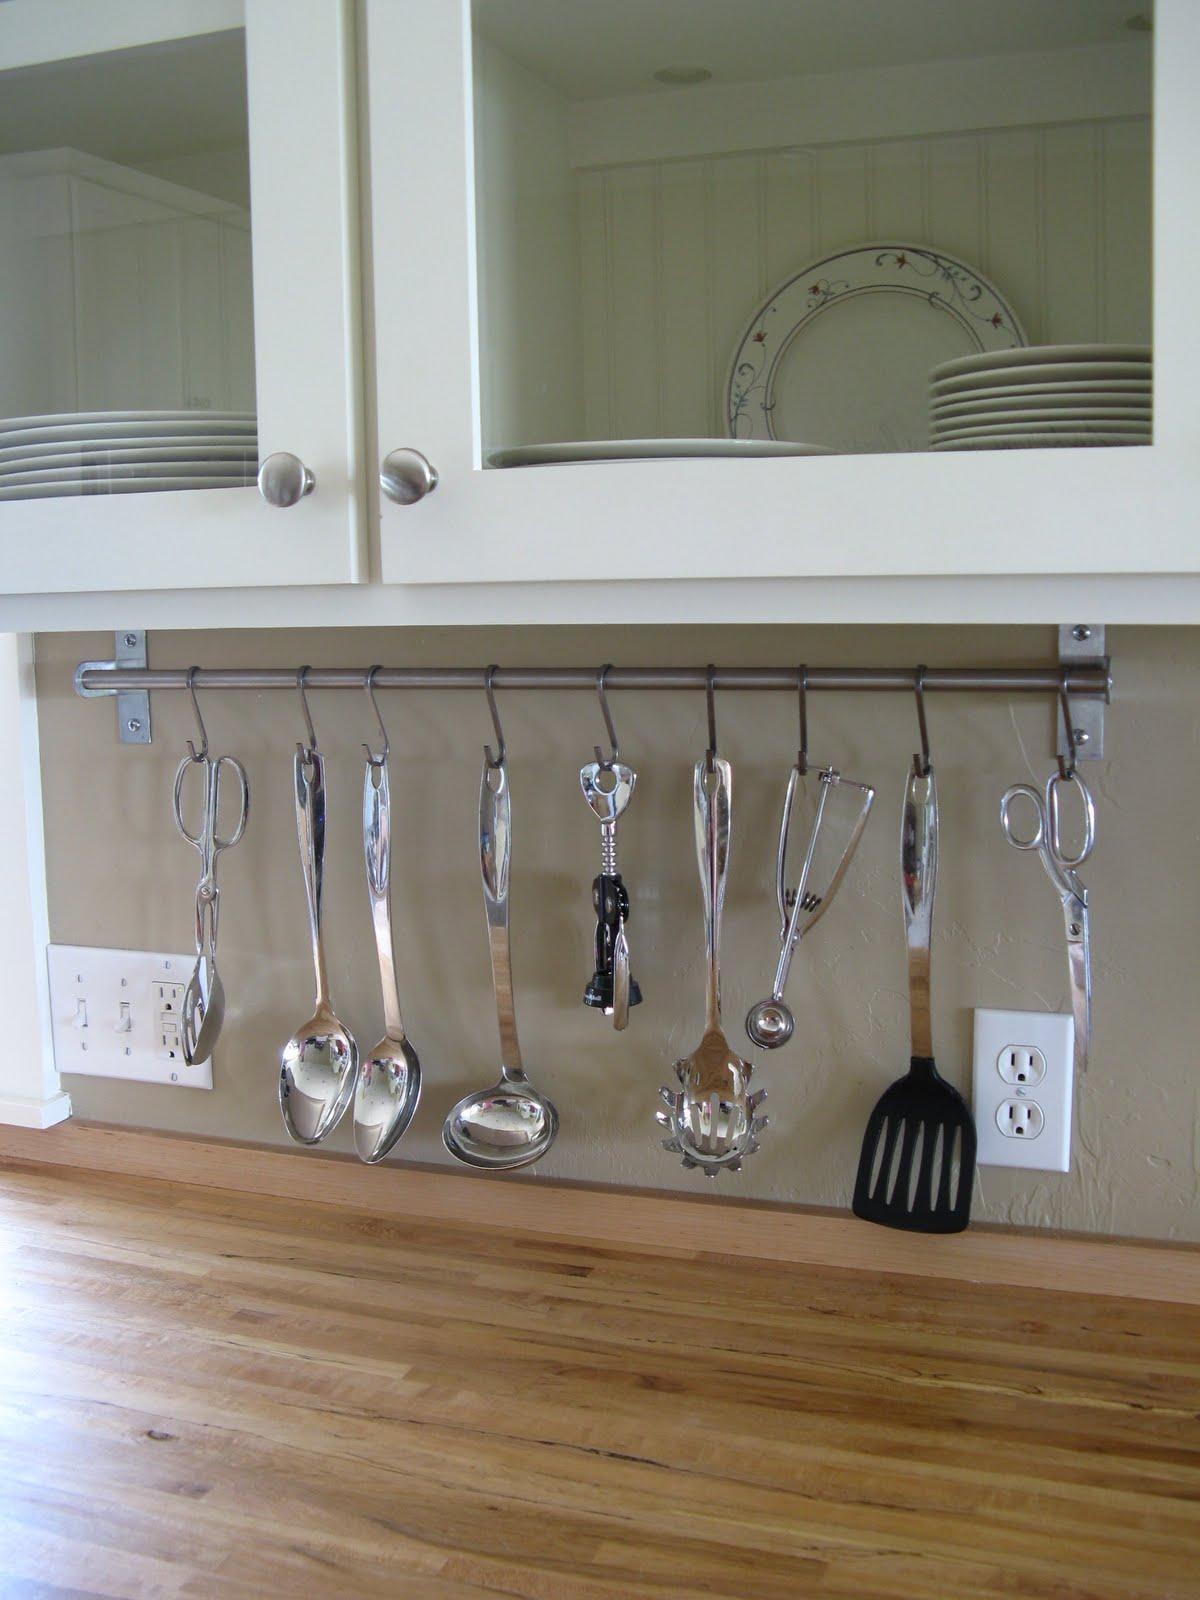 ikea kitchen utensils storage listitdallas